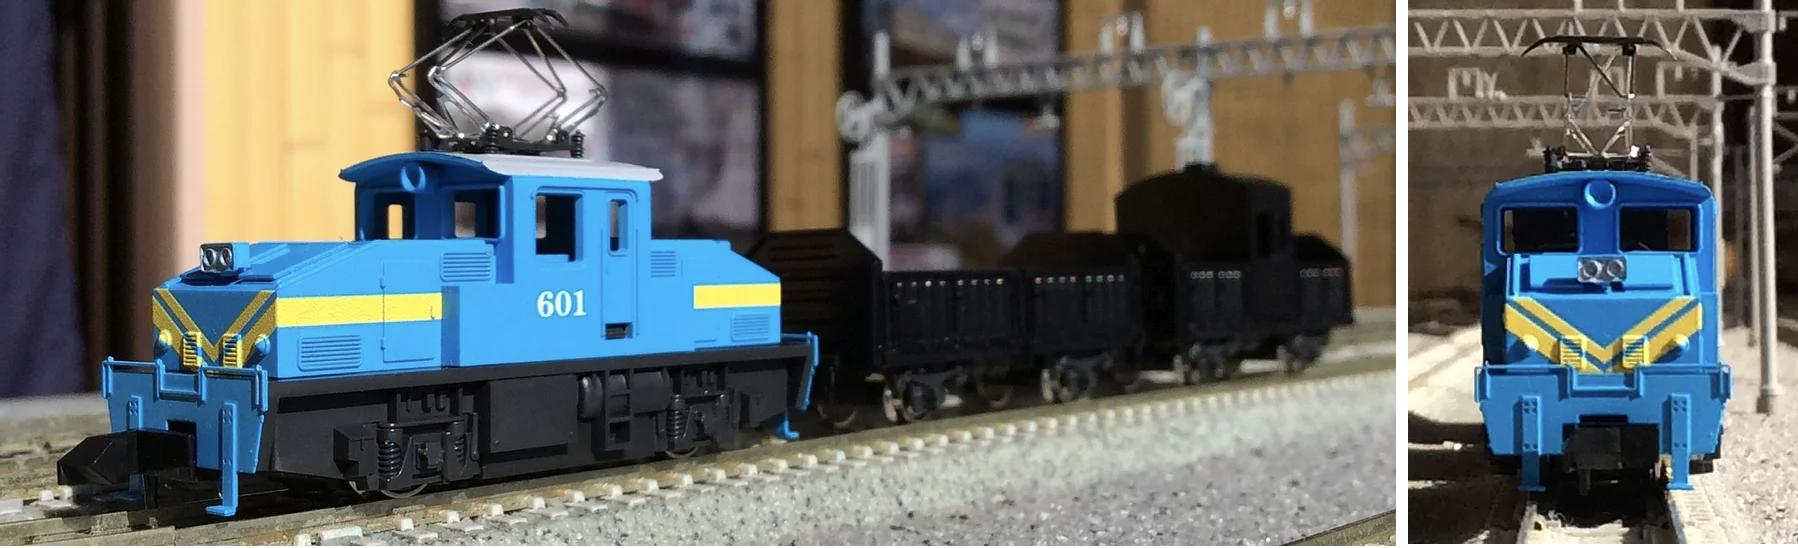 尾張の国の貨物列車 チビ凸セット